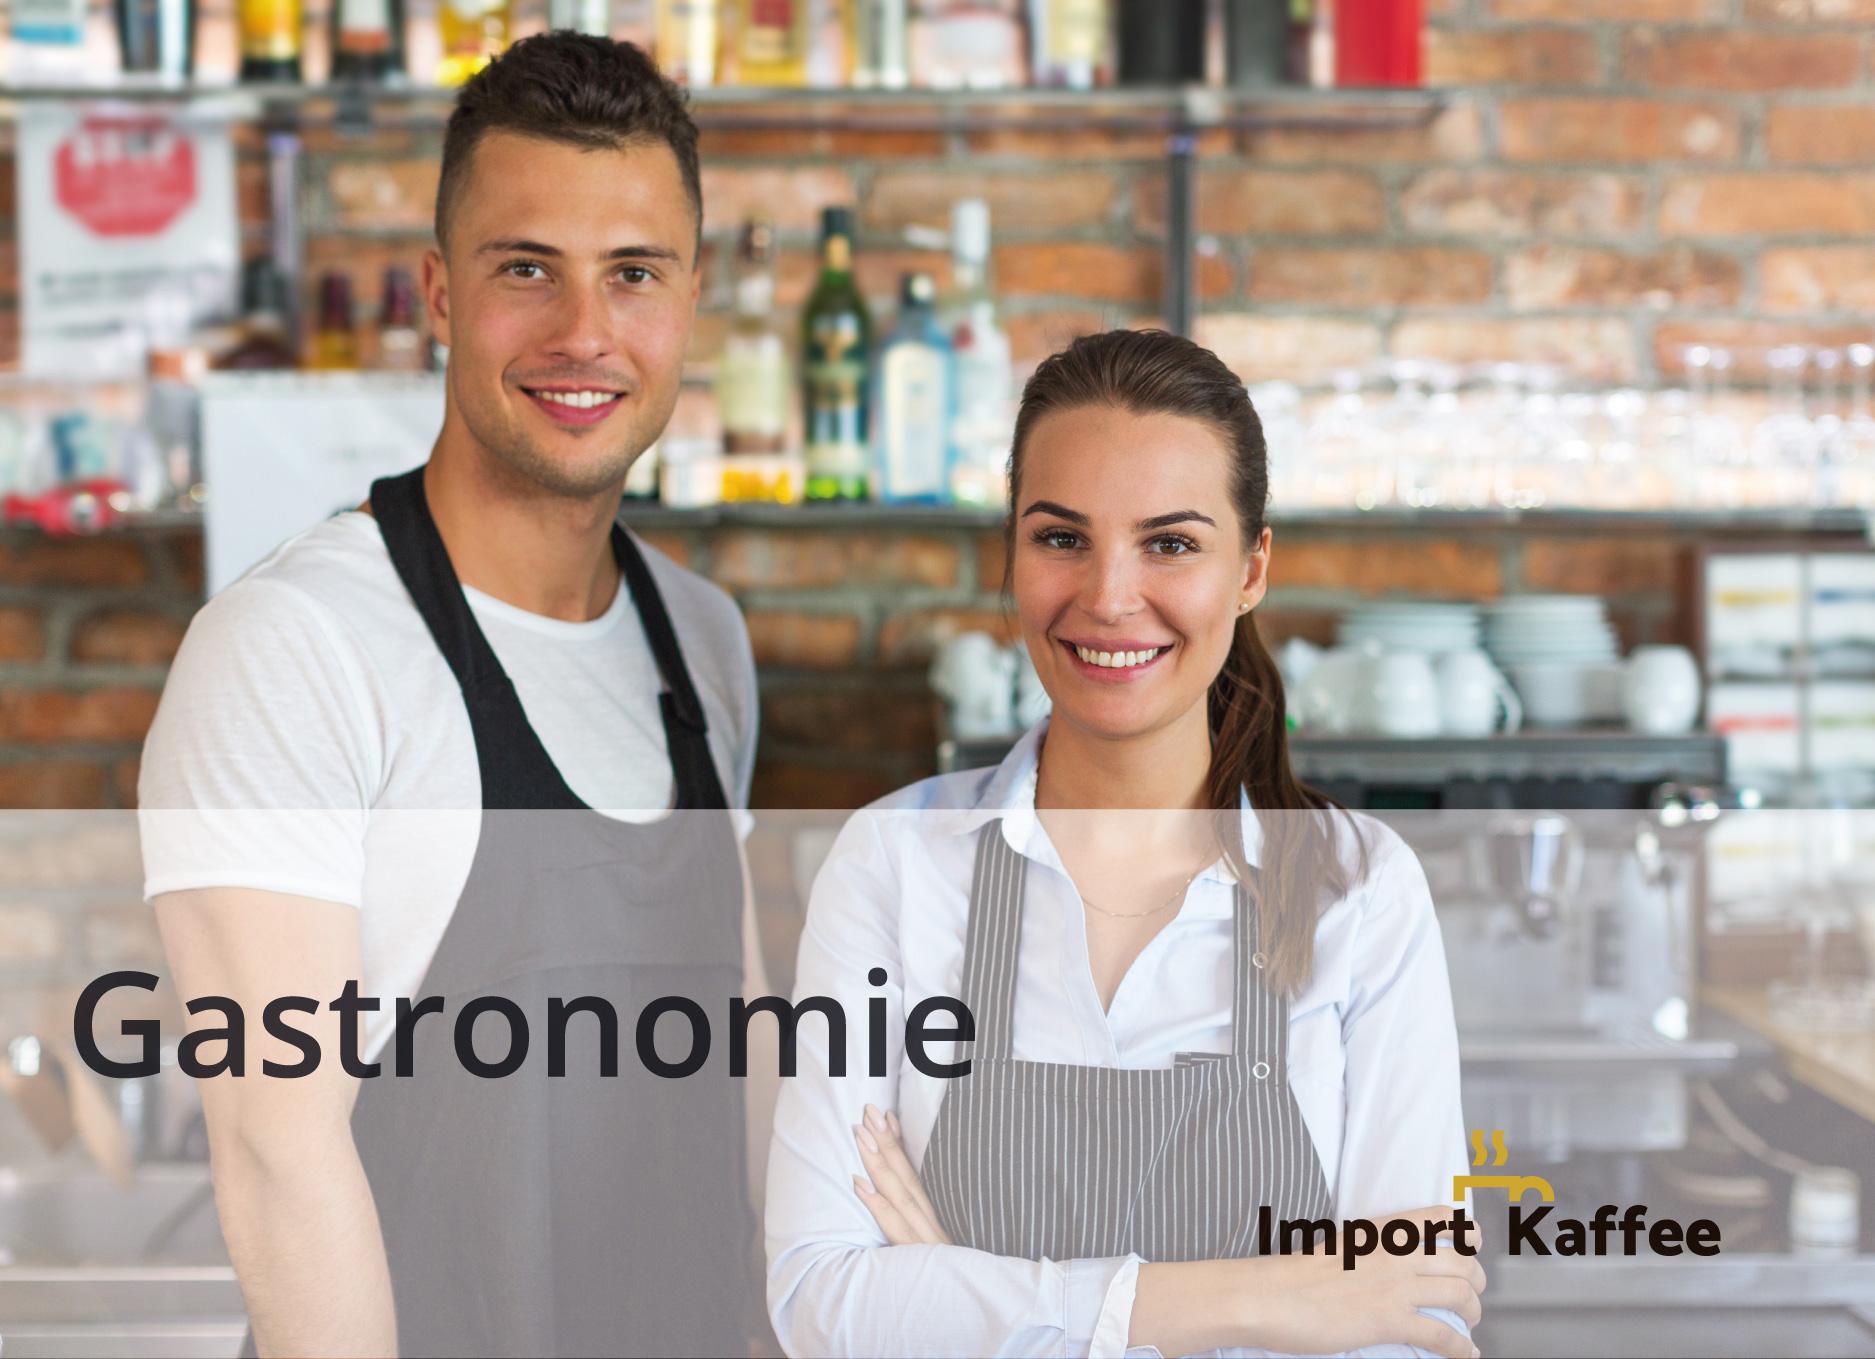 Gastronomie Importkaffee